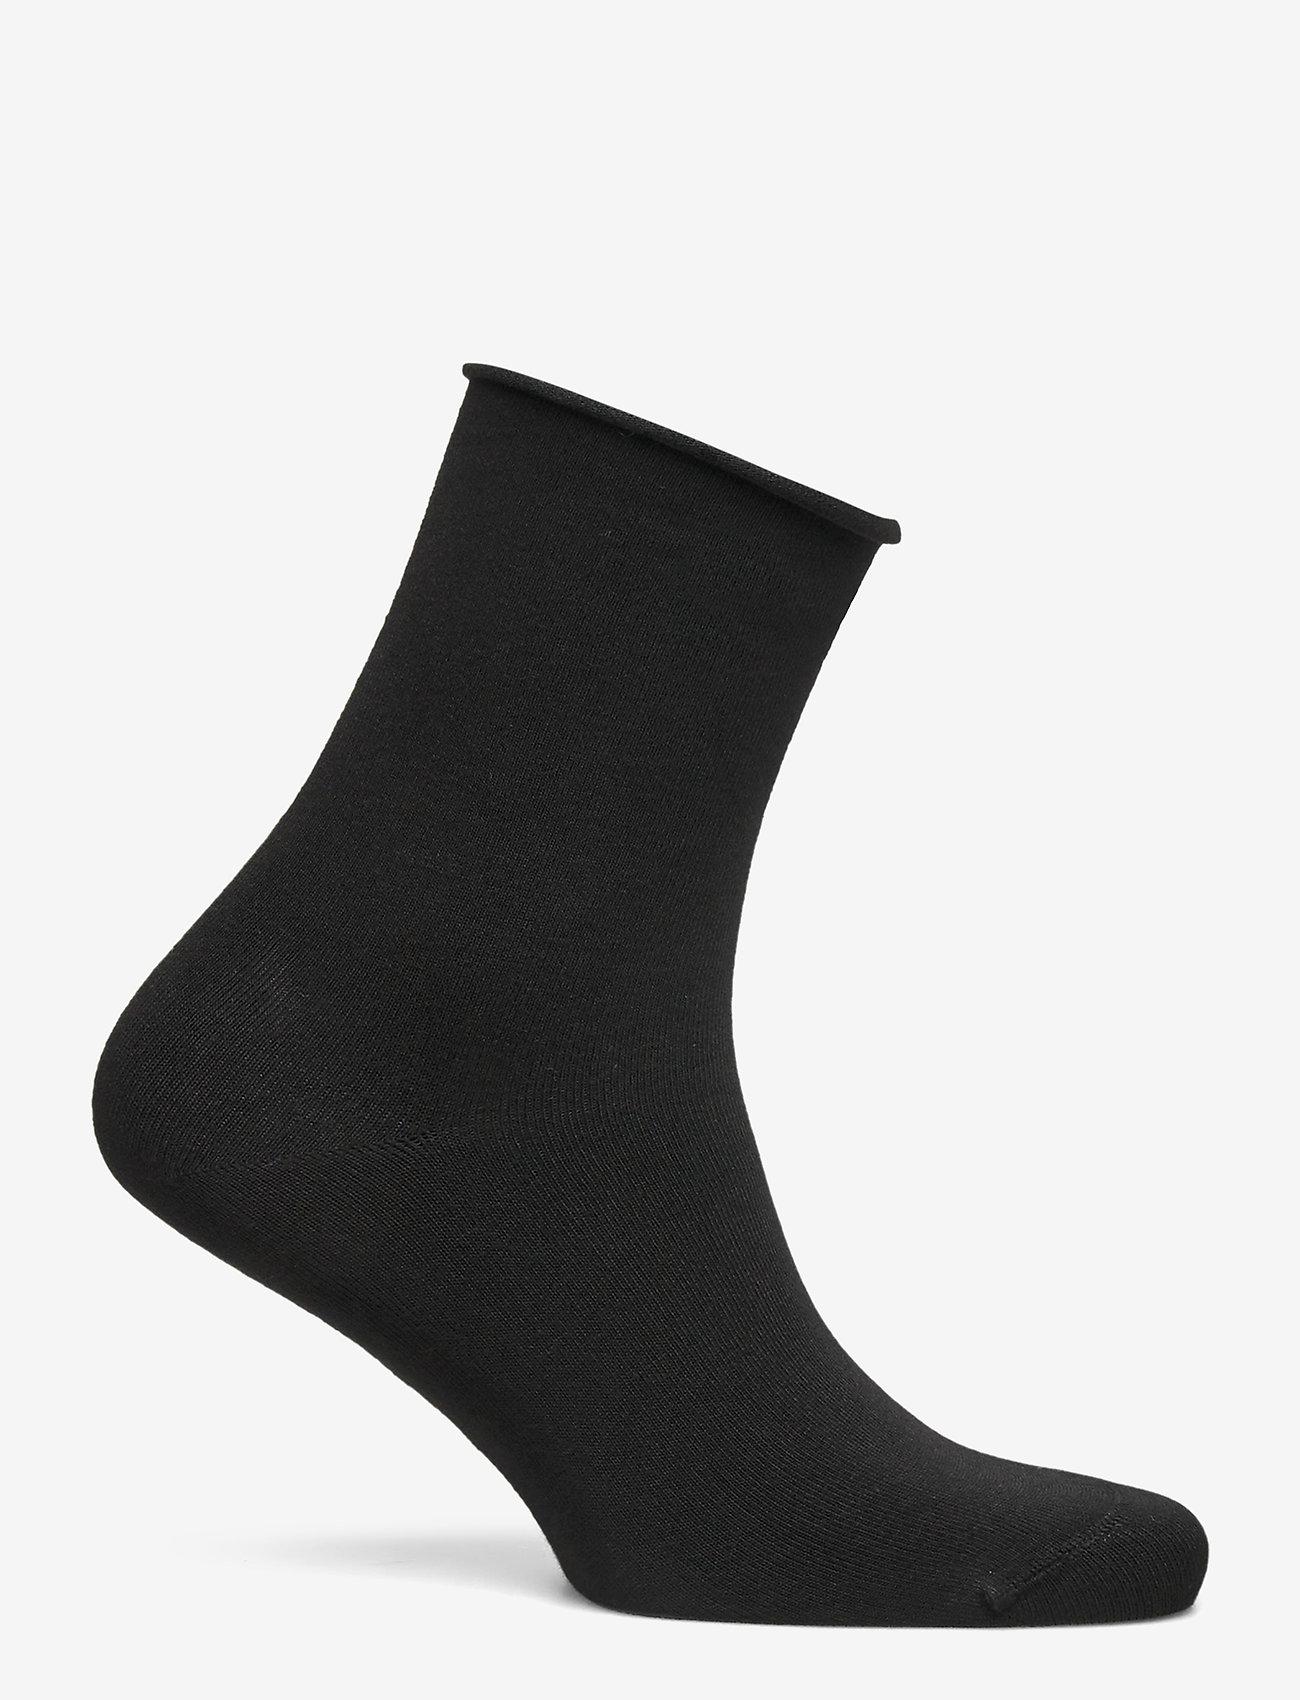 Vogue - Ladies anklesock, Bamboo Comfort Top Socks - sneakersokken - black - 1